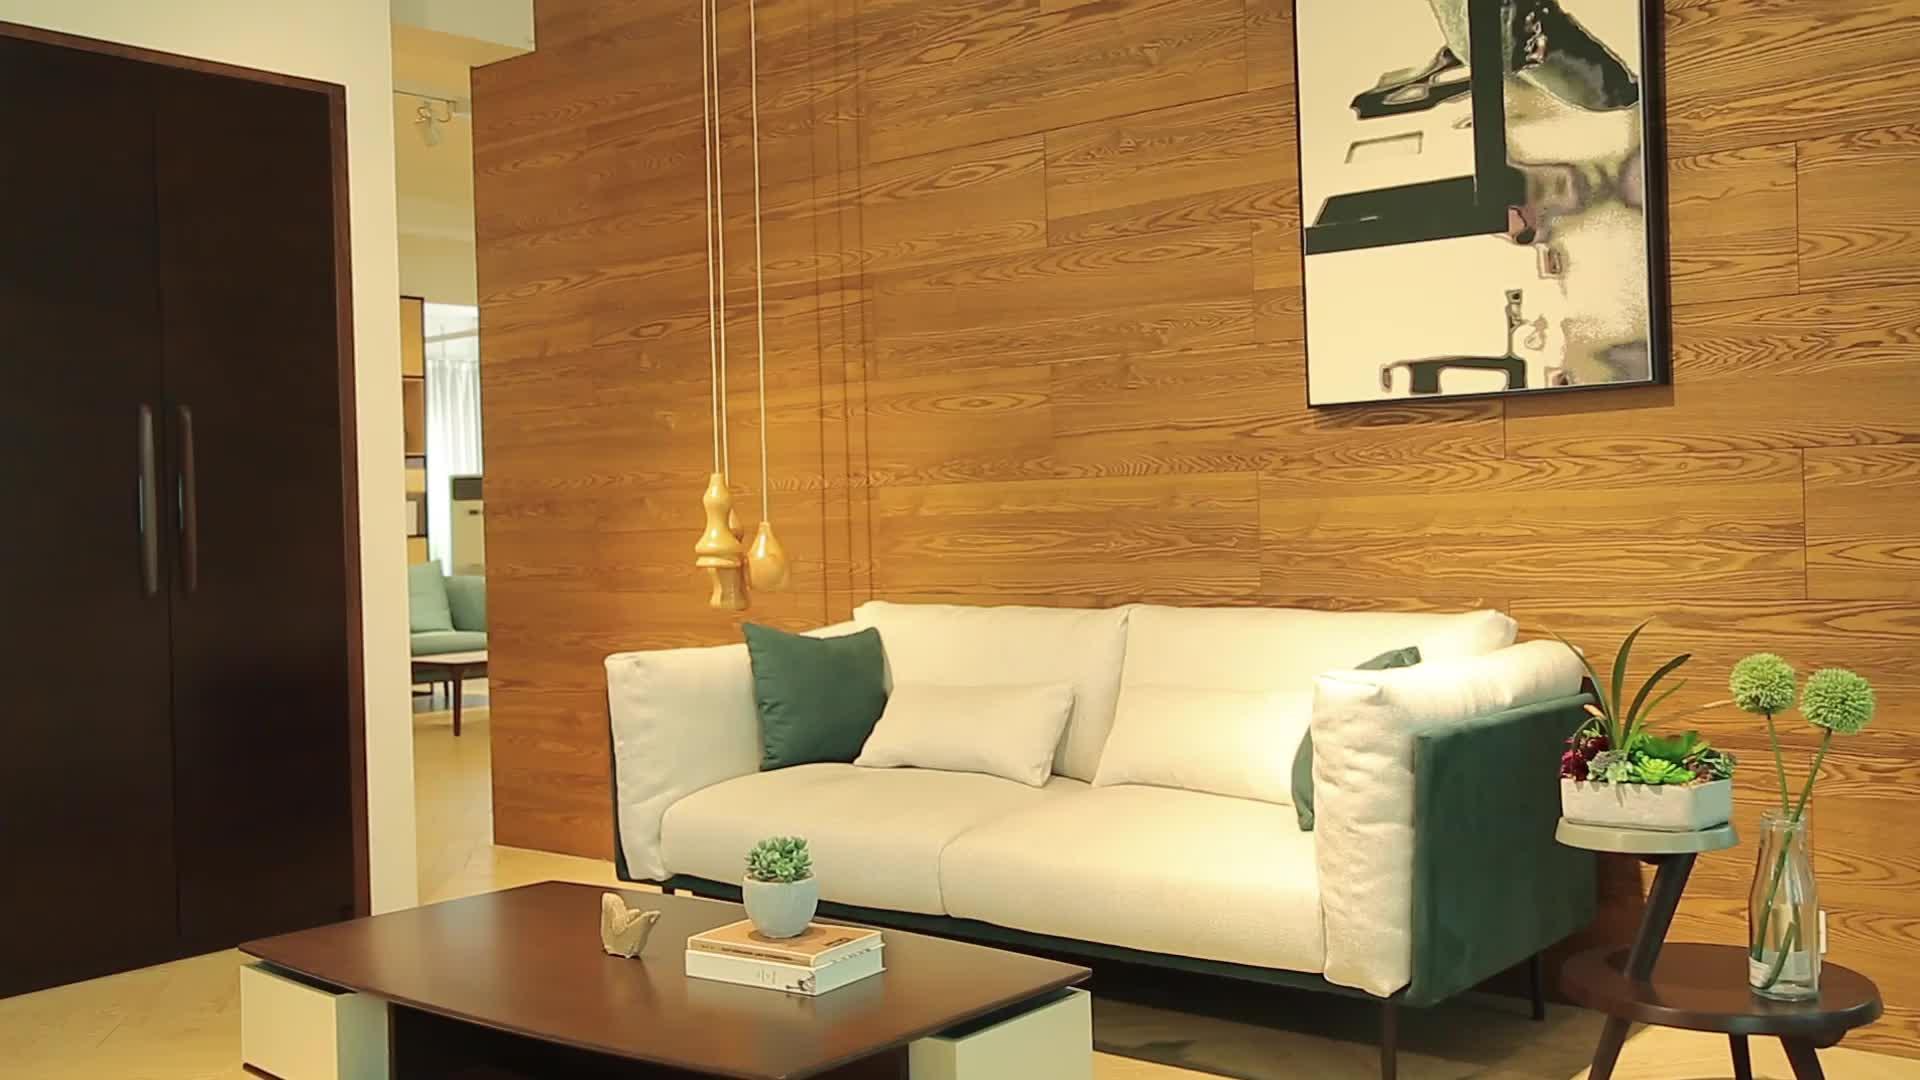 Barato moderno diseño nórdico de 3 plazas seccional sofá de la tela para la sala